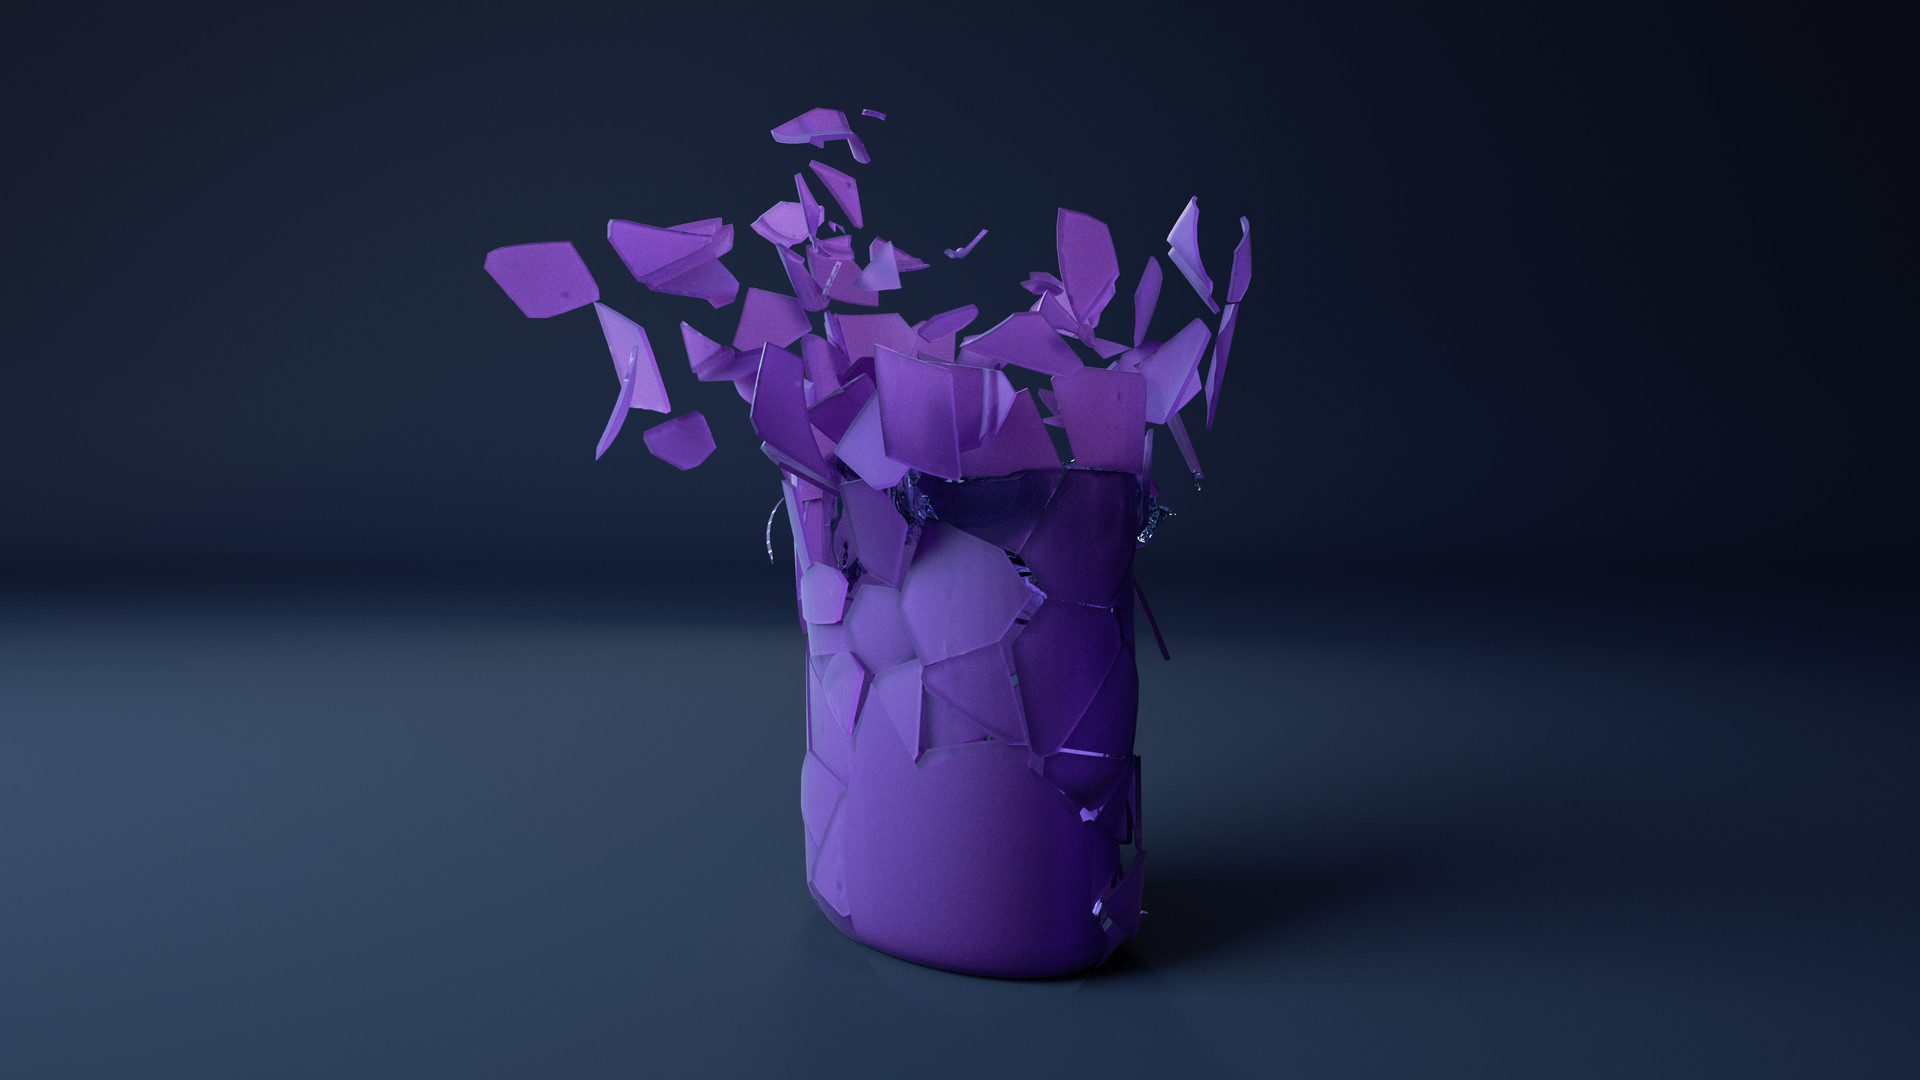 Anim_03_Bottle_Tall_Shatter_DARKER (00018).jpg